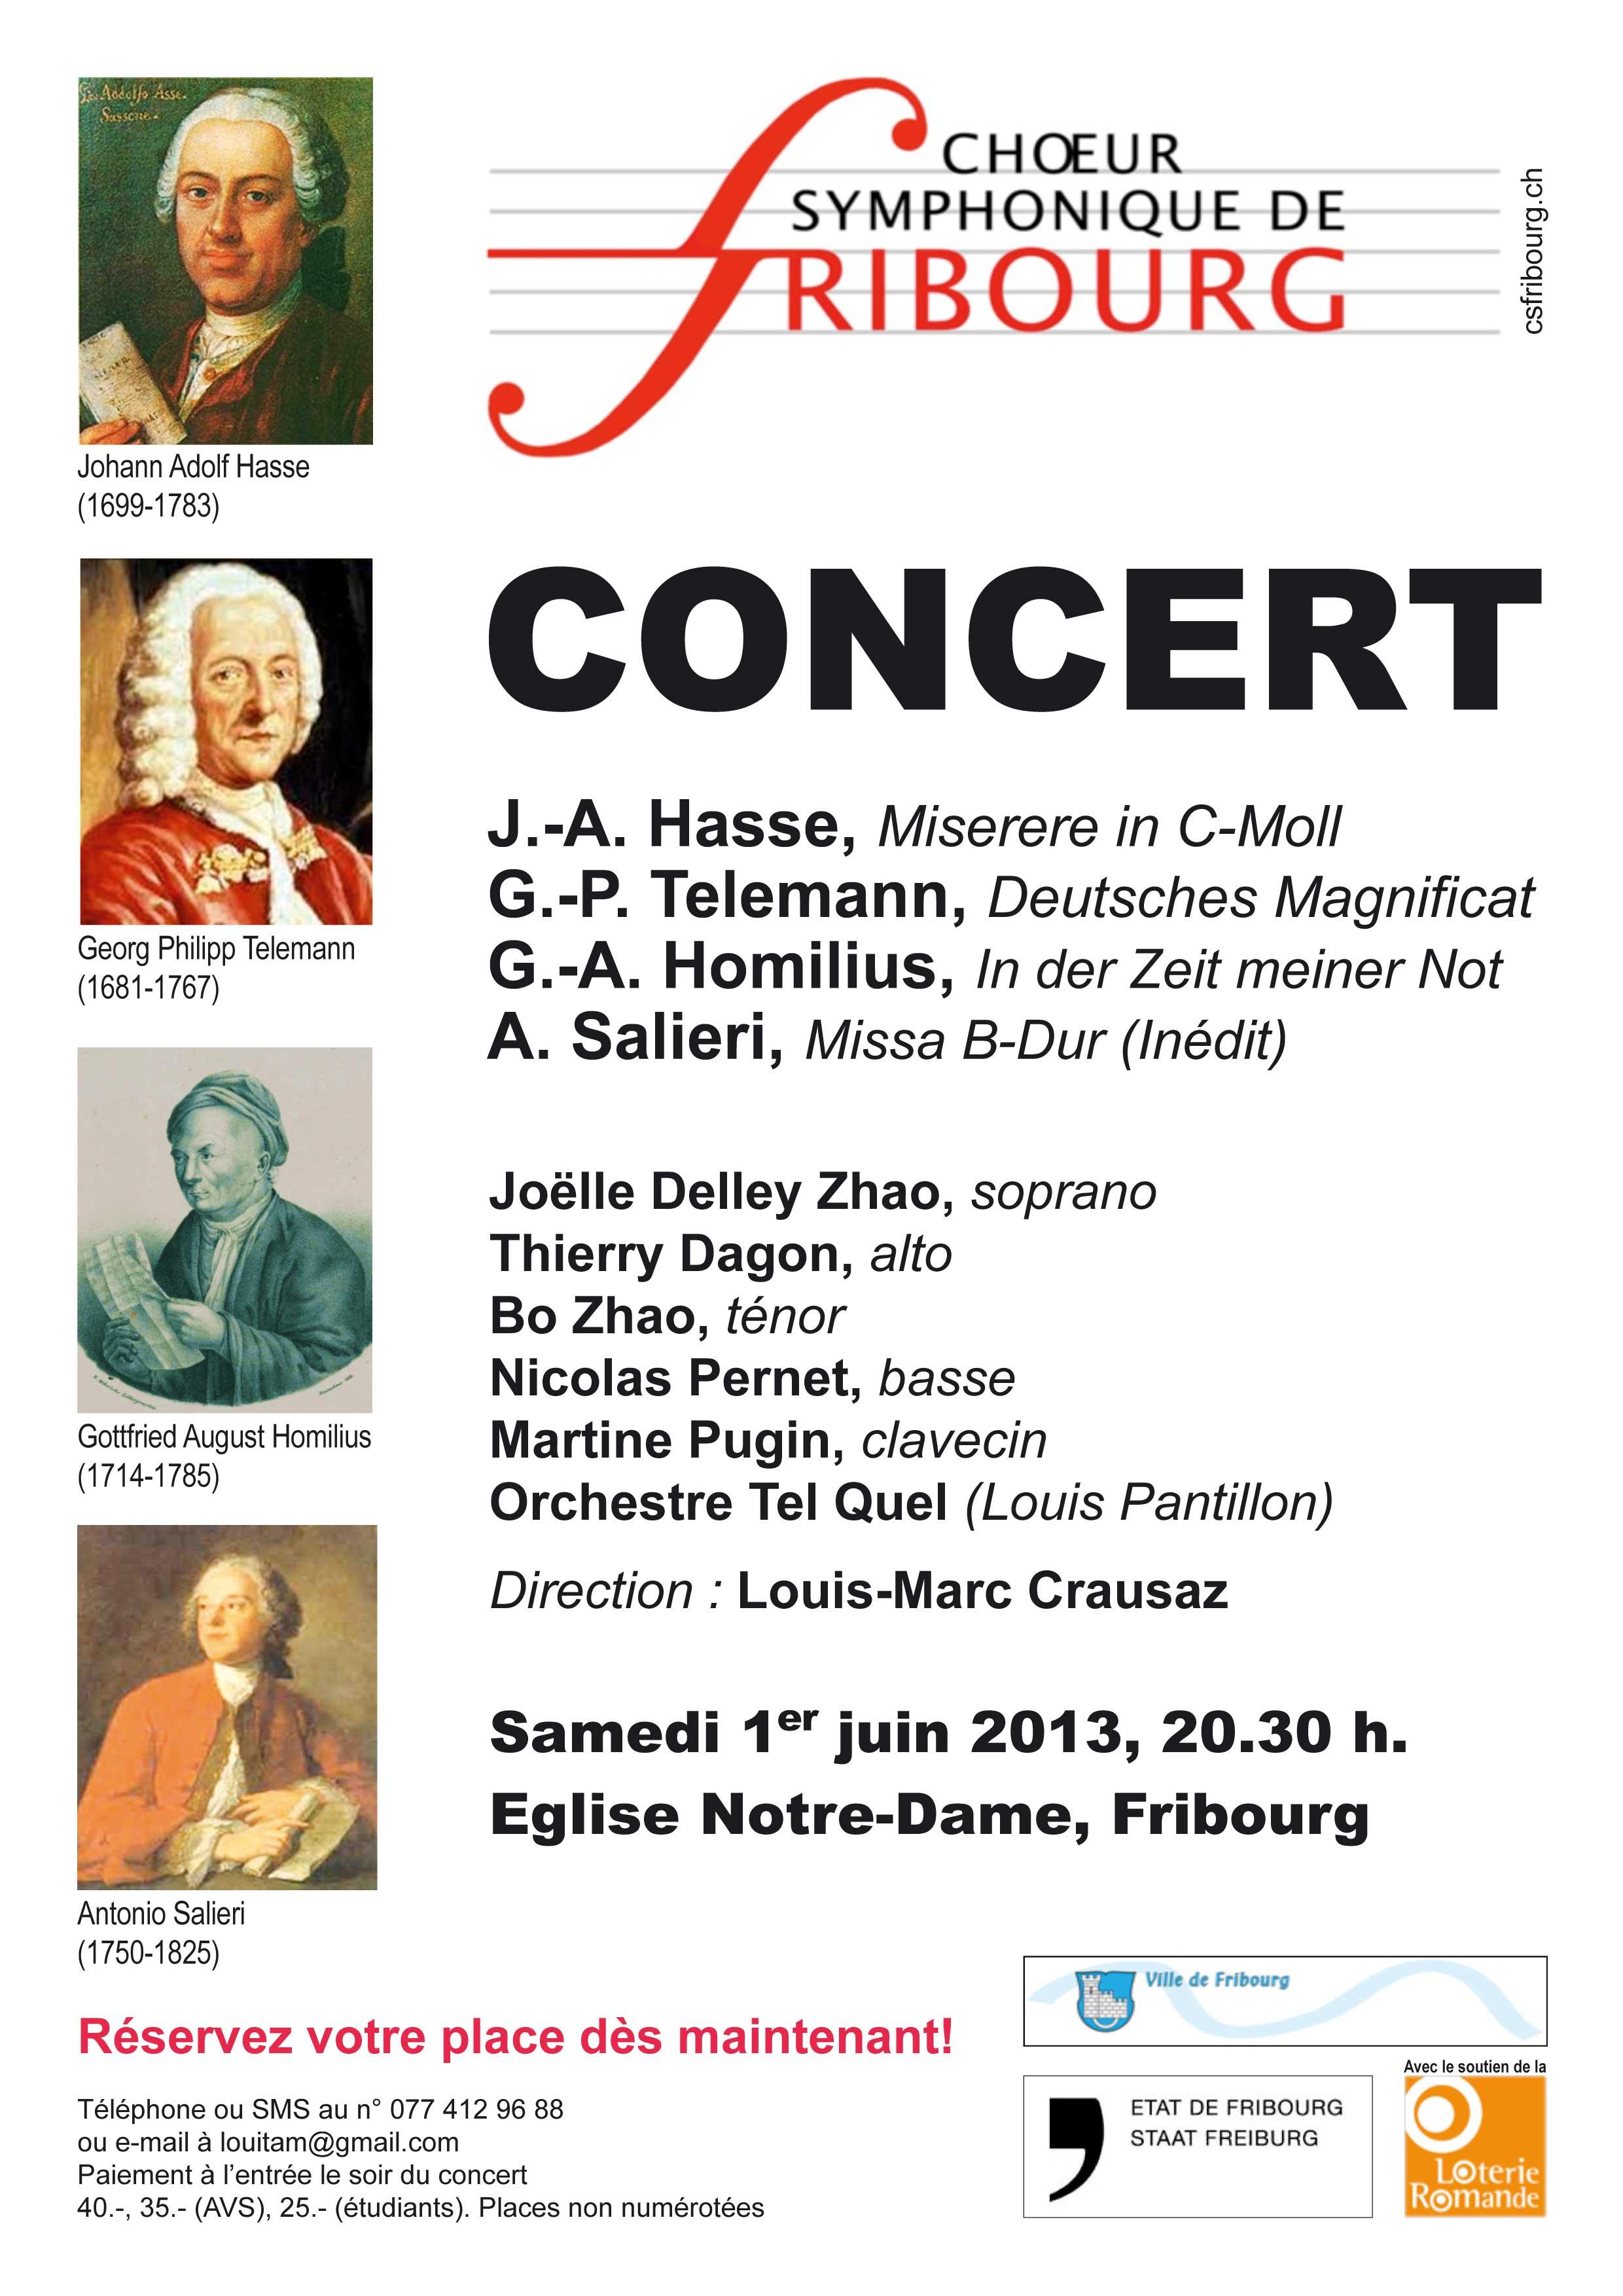 http://www.csfribourg.ch/Files/affiche_concert_1er_juinbis.jpg